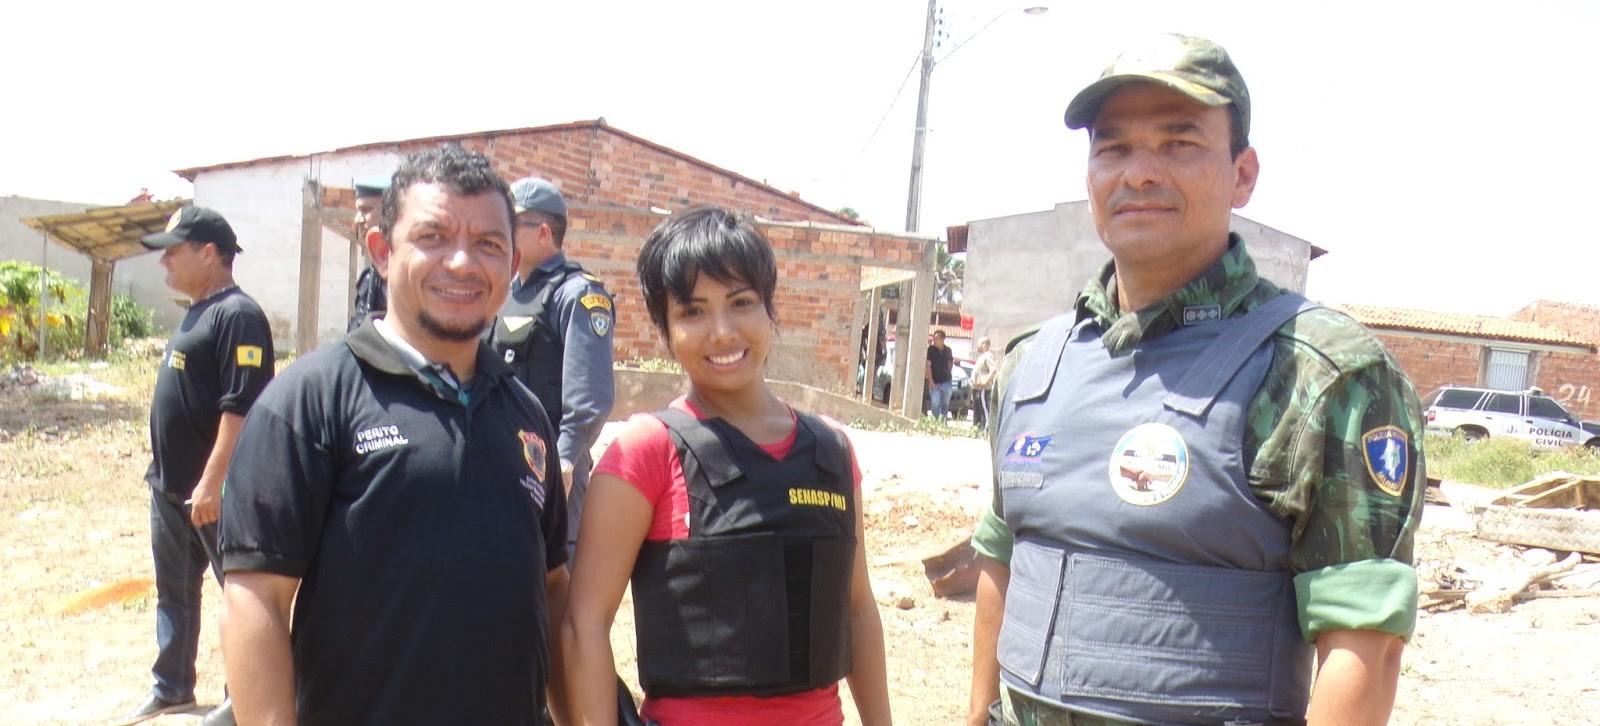 Polícia Civil e Militar em ação conjunta, retira invasores da área de preservação ambiental